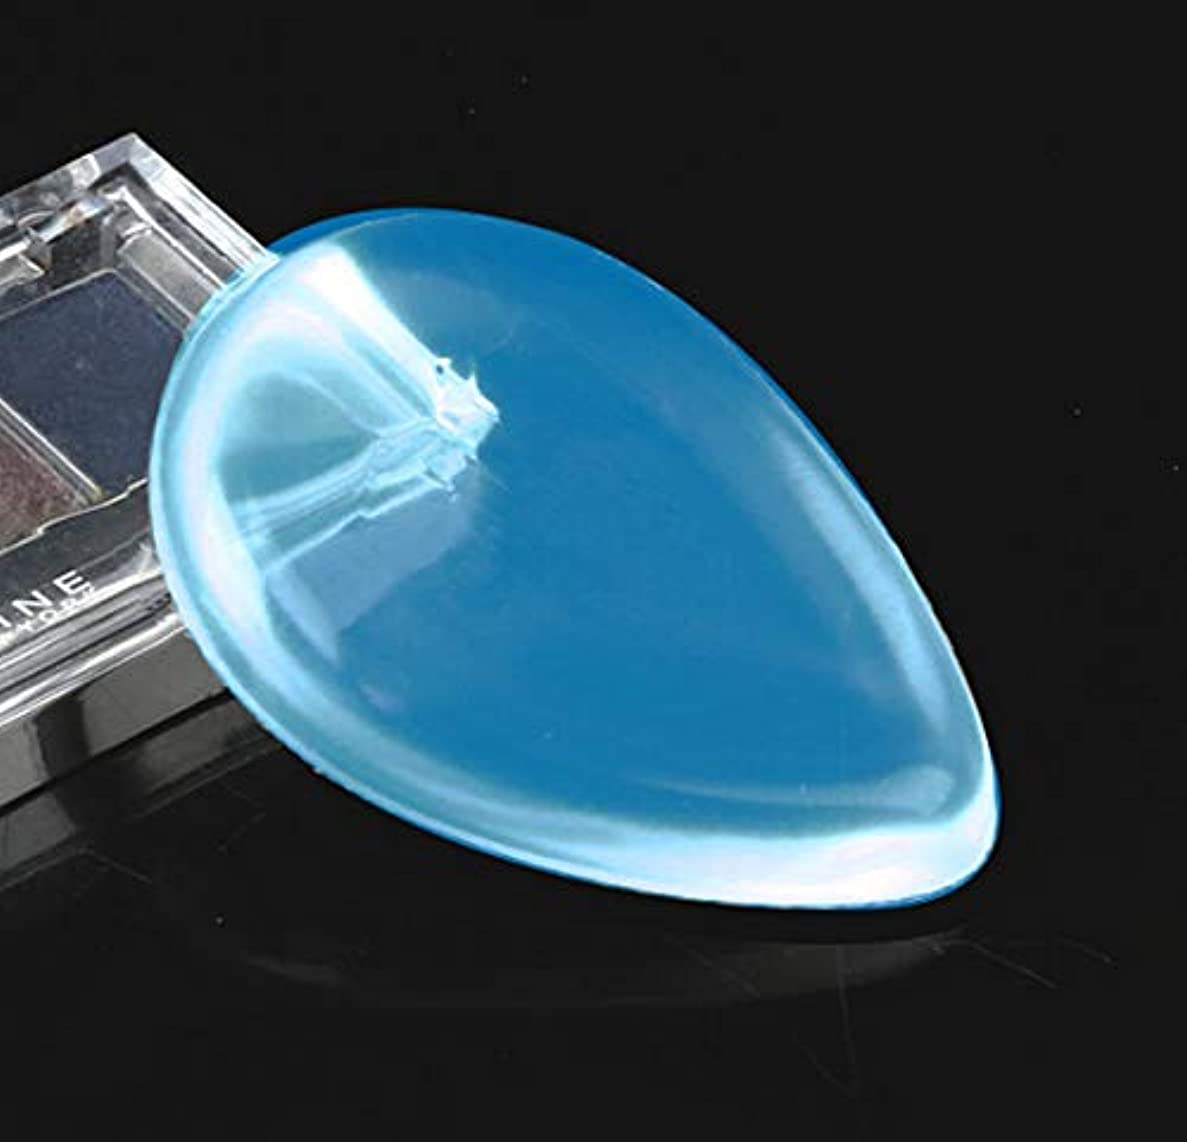 潤滑する非アクティブ敬礼DOMO シリコンパフ 透明 清潔しやすい メイクスポンジ ゲルパフ ゼリーパフ化粧品 ファンデーション メークアップツール